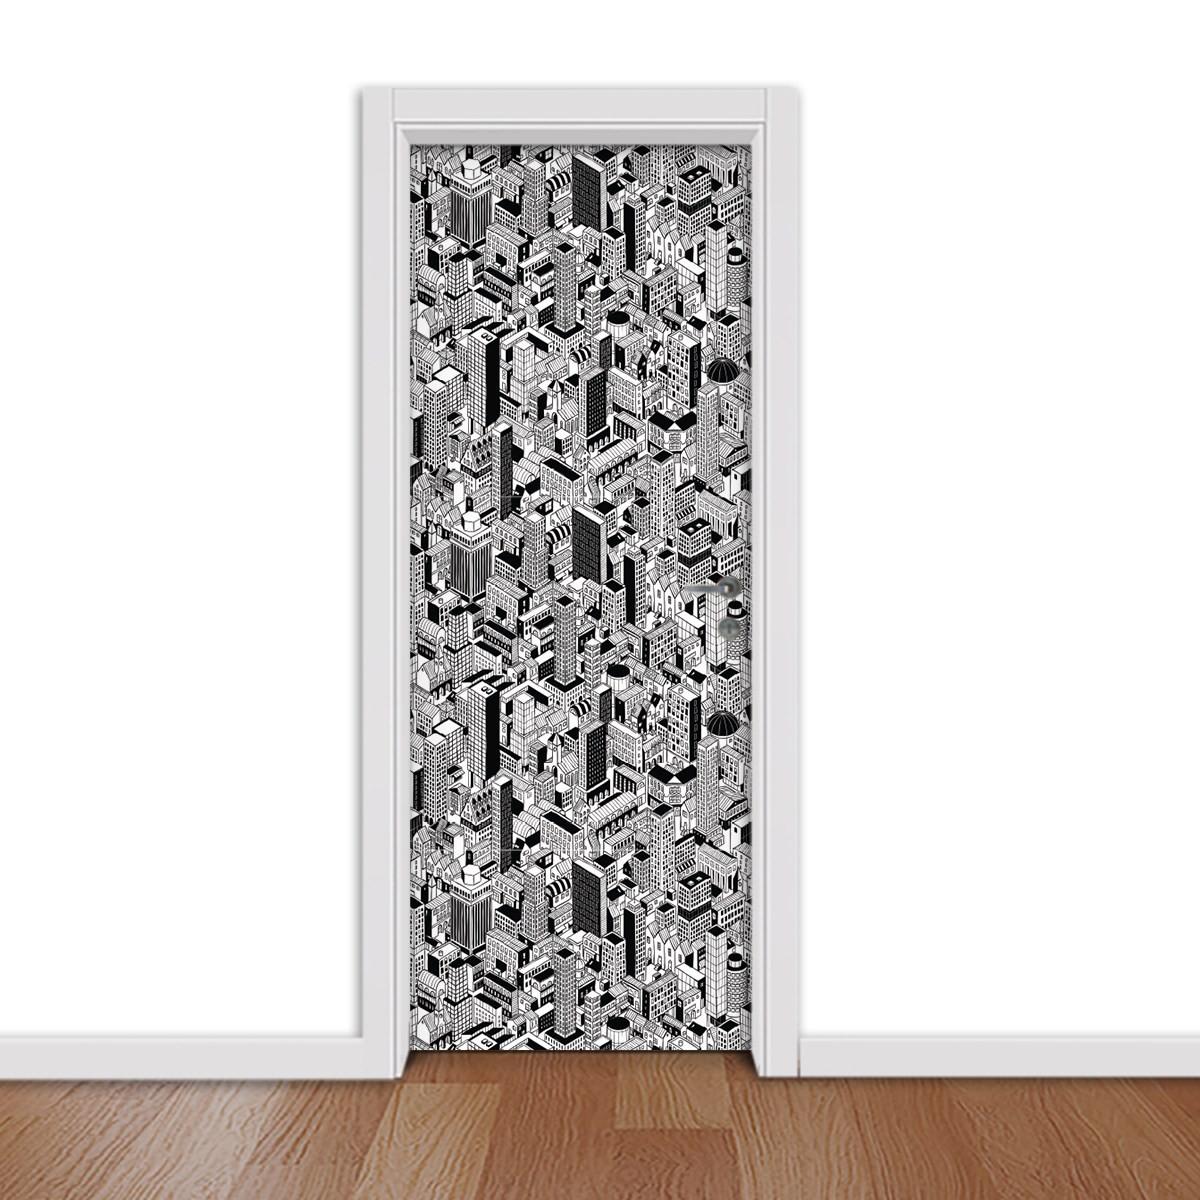 Adesivo (Sticker) Para Porta: Desenho Cidade (Preto e Branco)